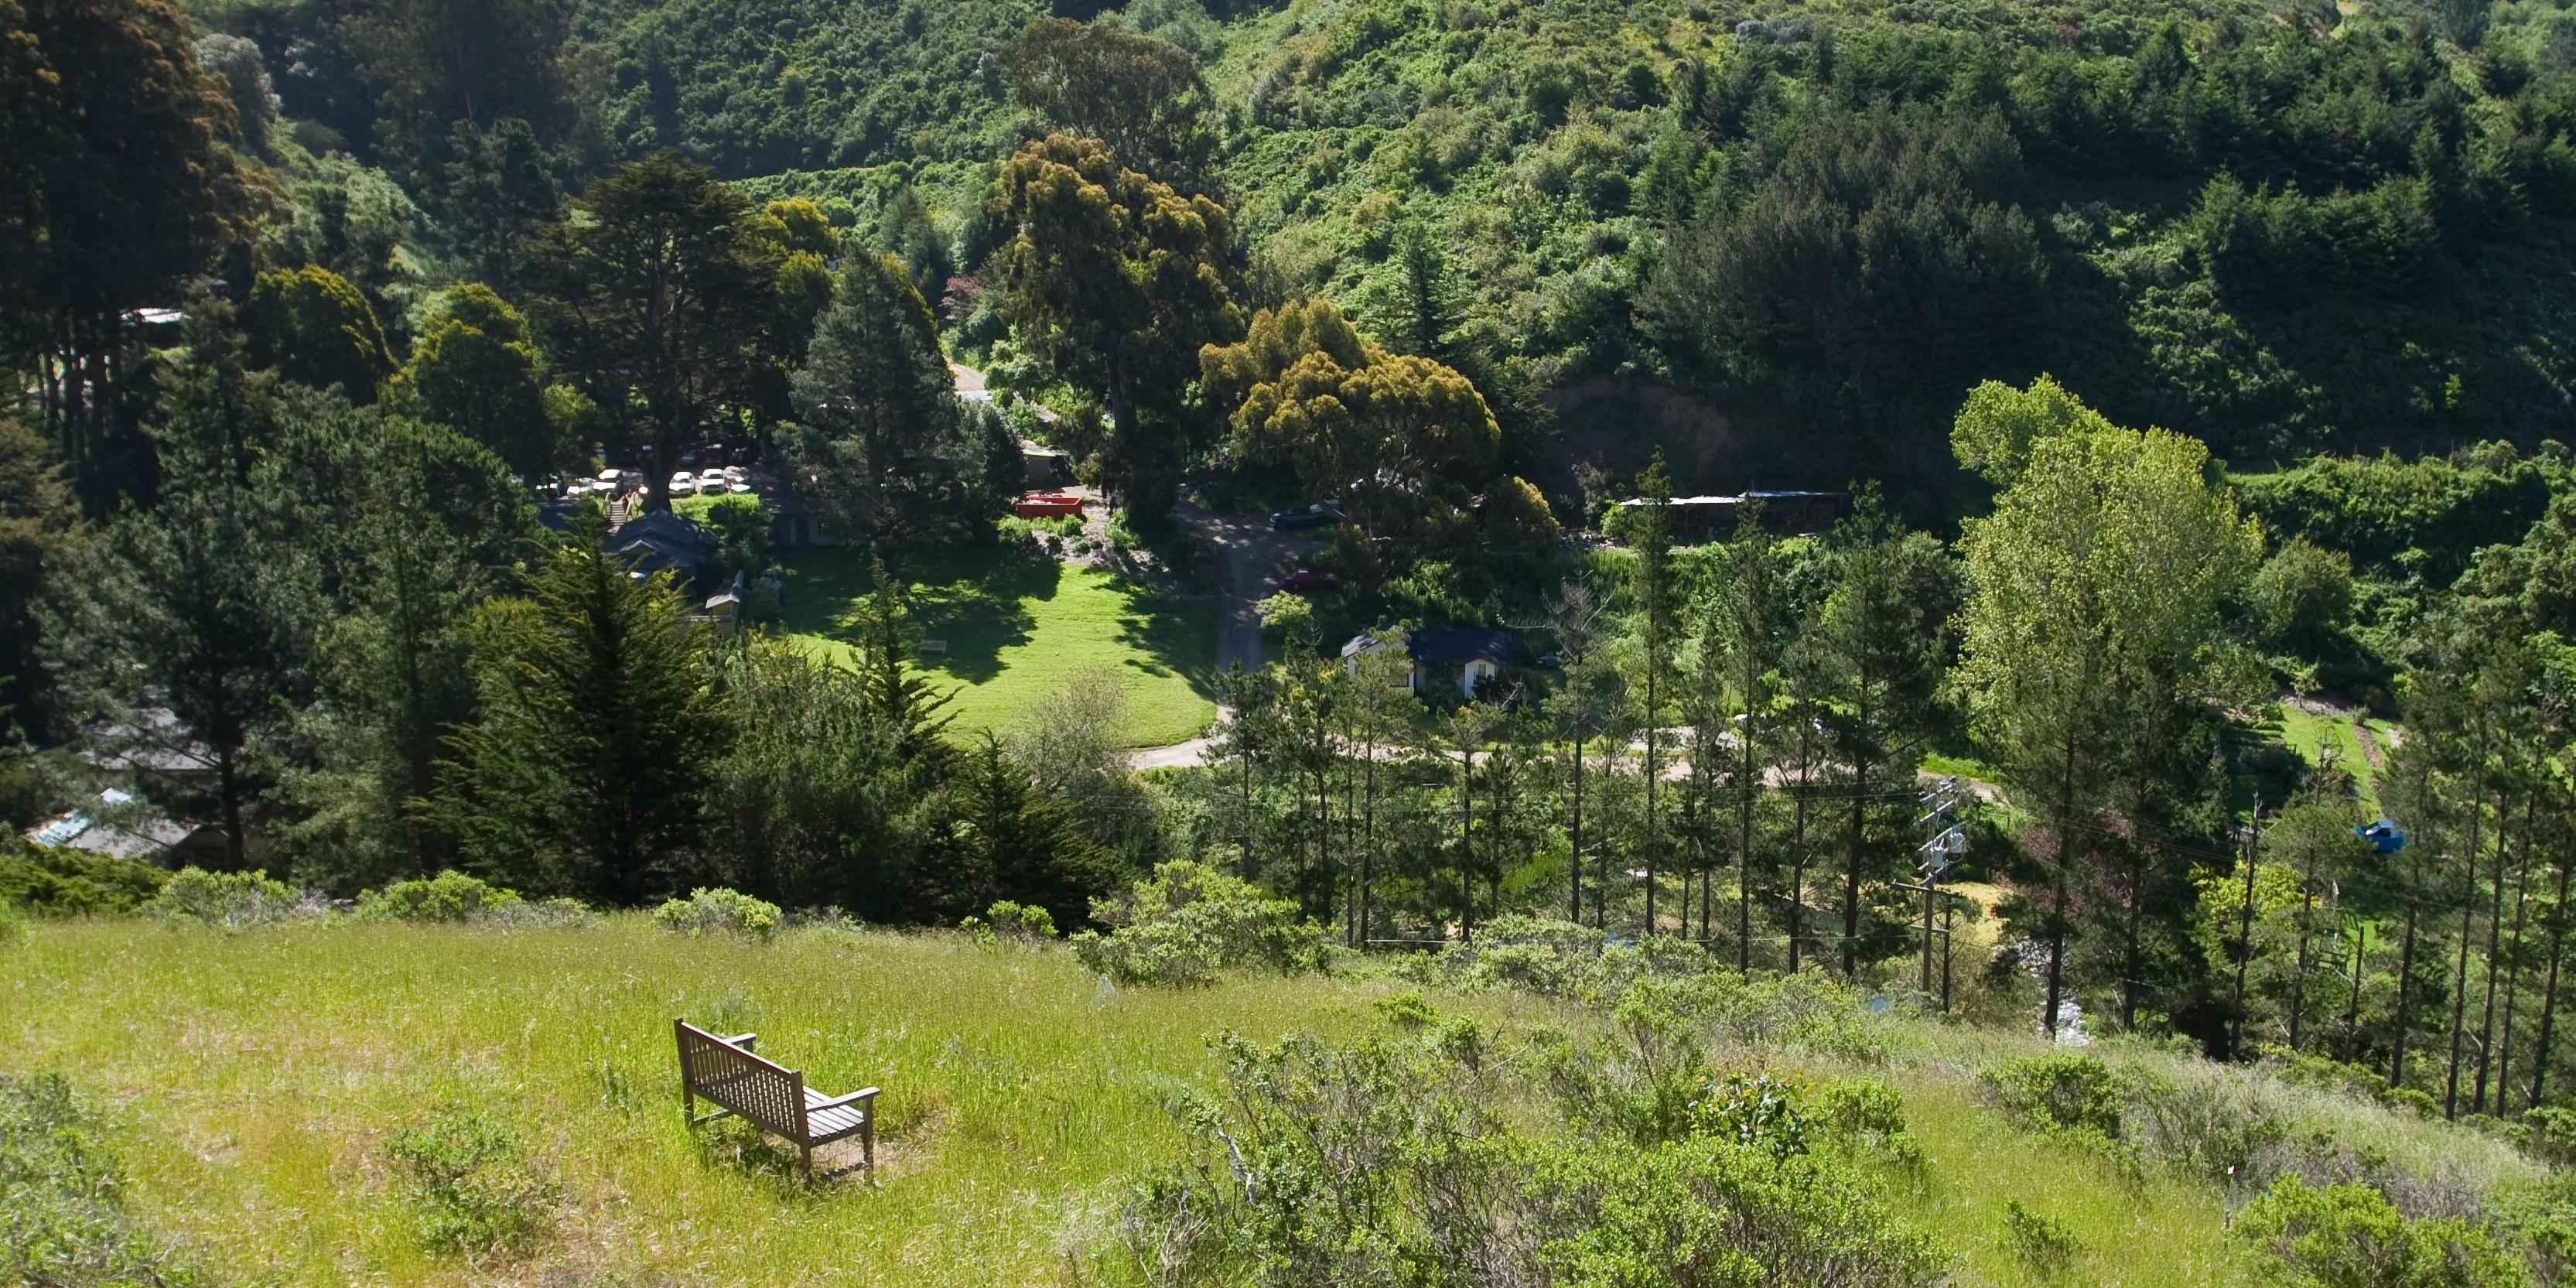 View over Green Gulch Farm Zen Center